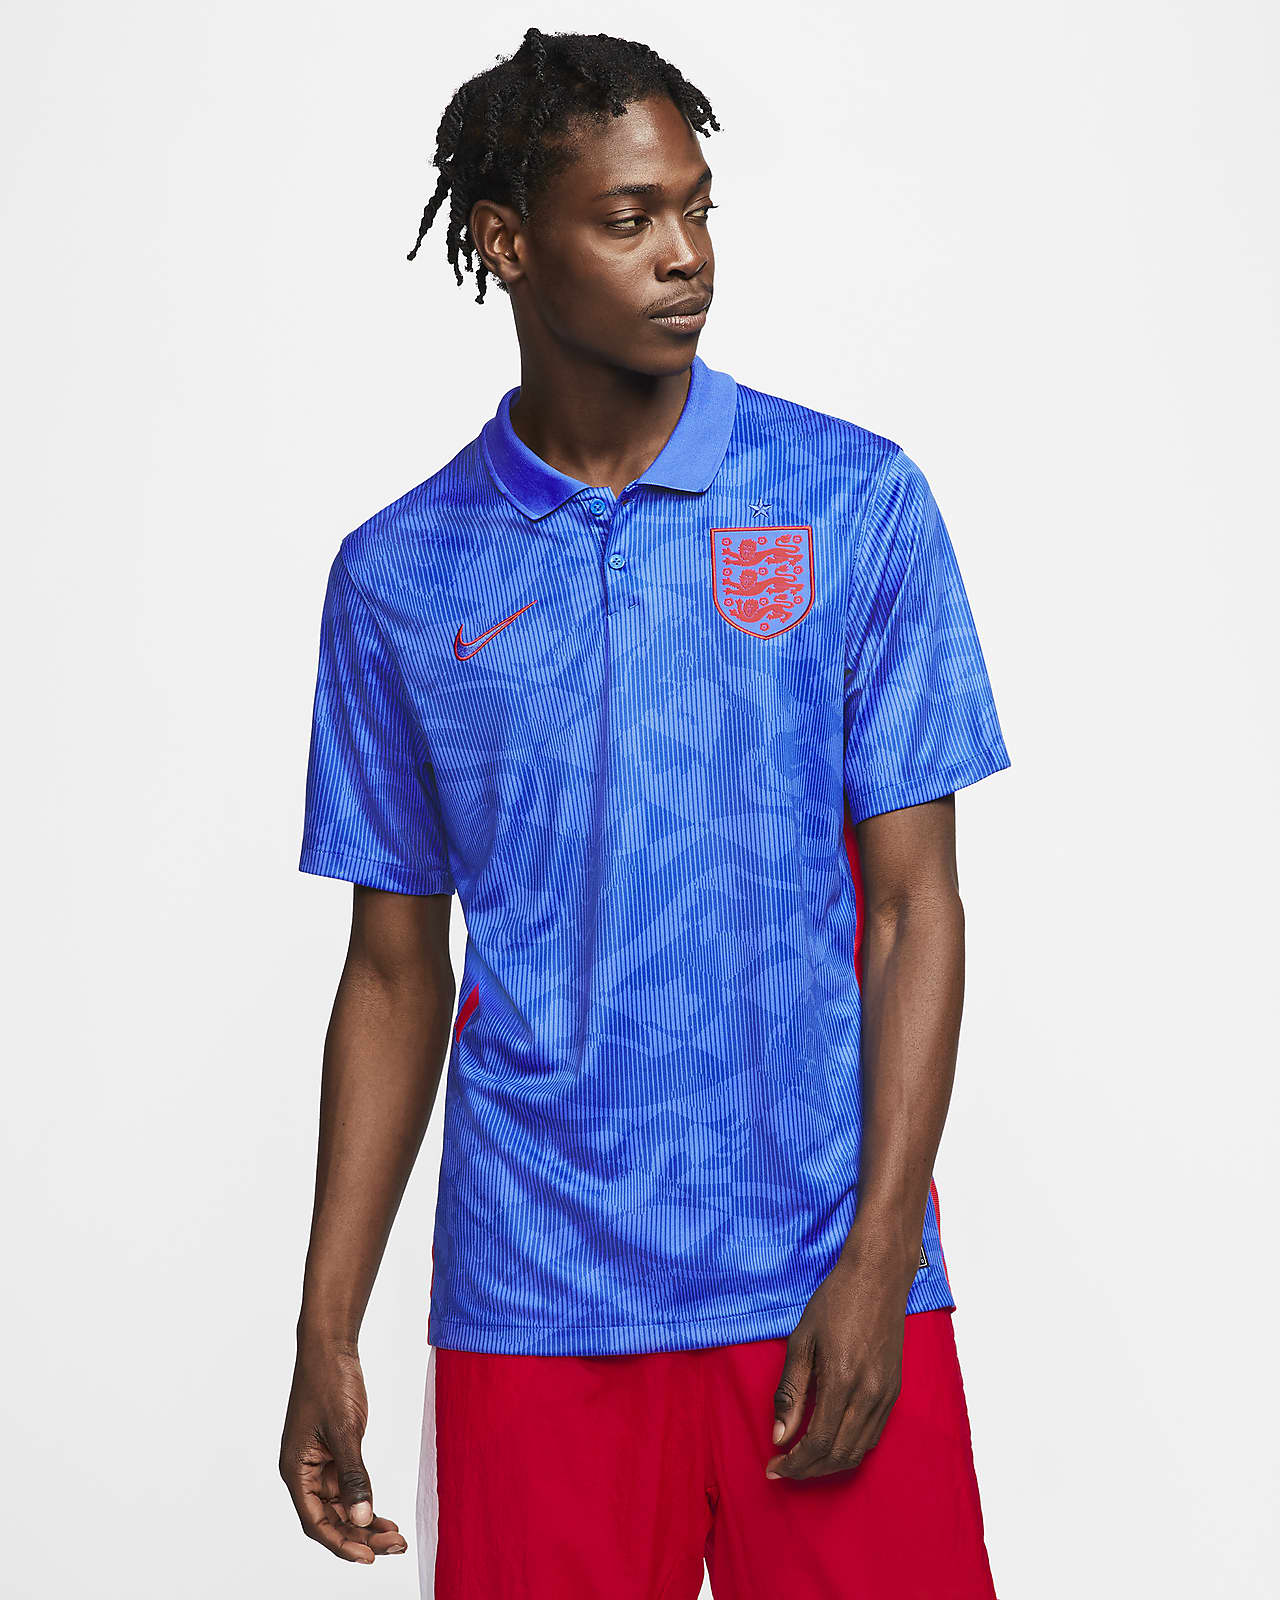 2020 赛季英格兰队客场球迷版男子足球球衣